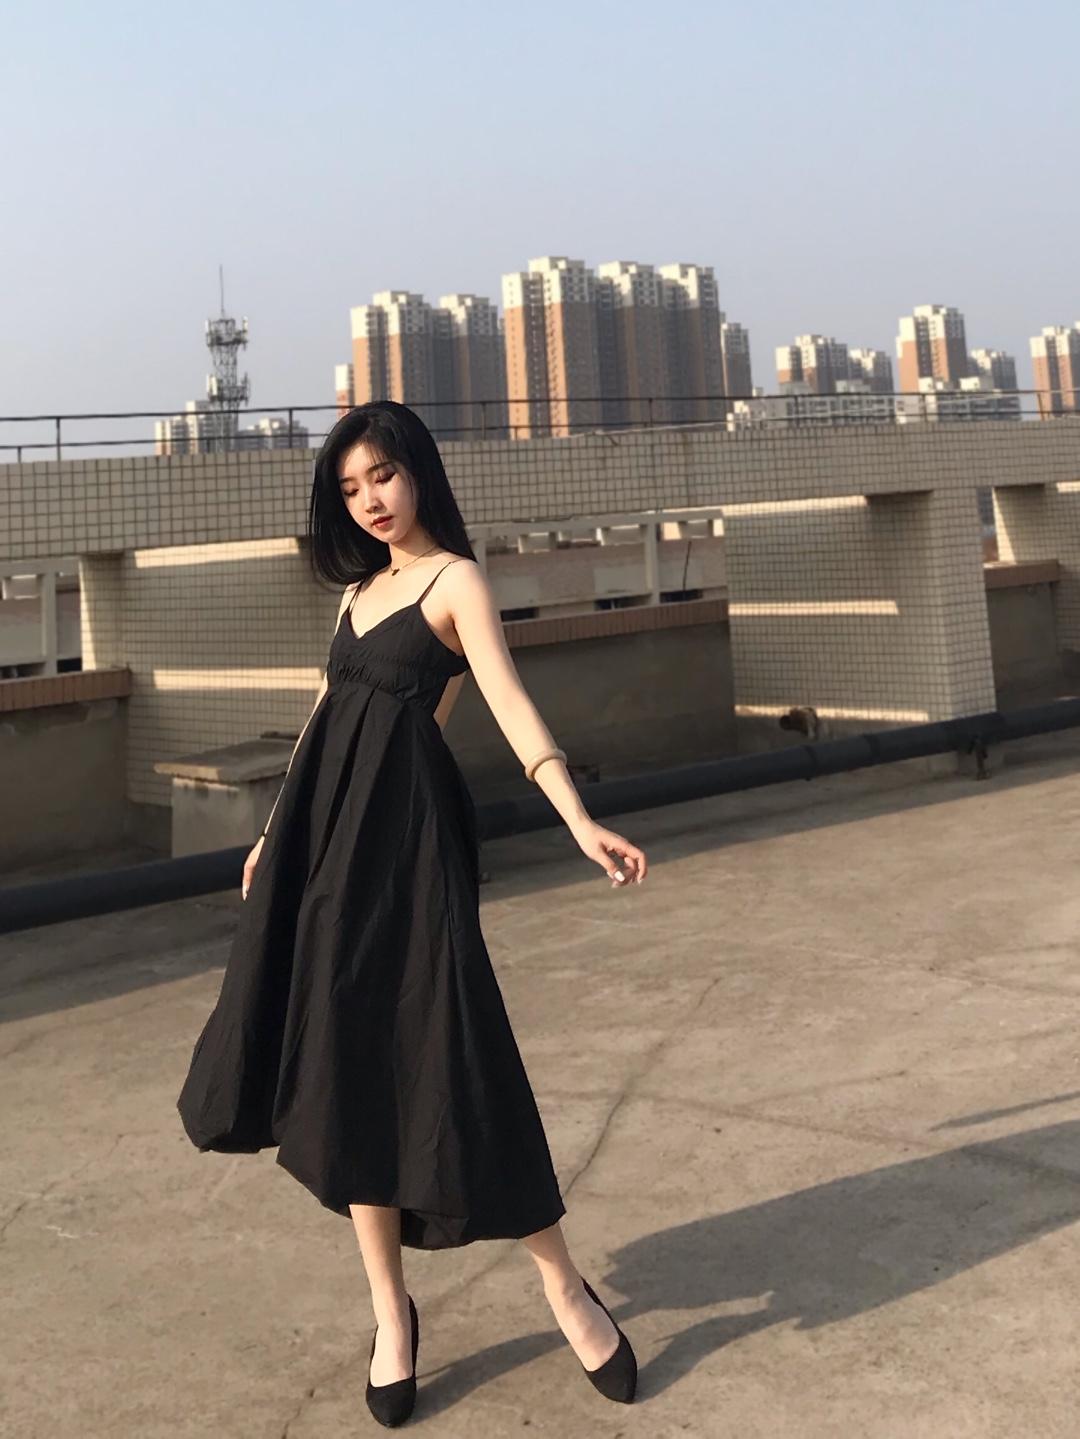 #在线解答见初恋怎么穿#  小黑裙/仙女裙LOOK 小黑裙算是女孩儿衣柜里必不可少的单品了🆒 这件露背的小黑裙,出街很吸睛了,带有一点小性感。 细的肩带和裙子的长度都很显瘦啦~ 刚好漏出最细的脚腕。再搭配一双黑色高跟鞋!简直完爆路人穿搭!👍👍